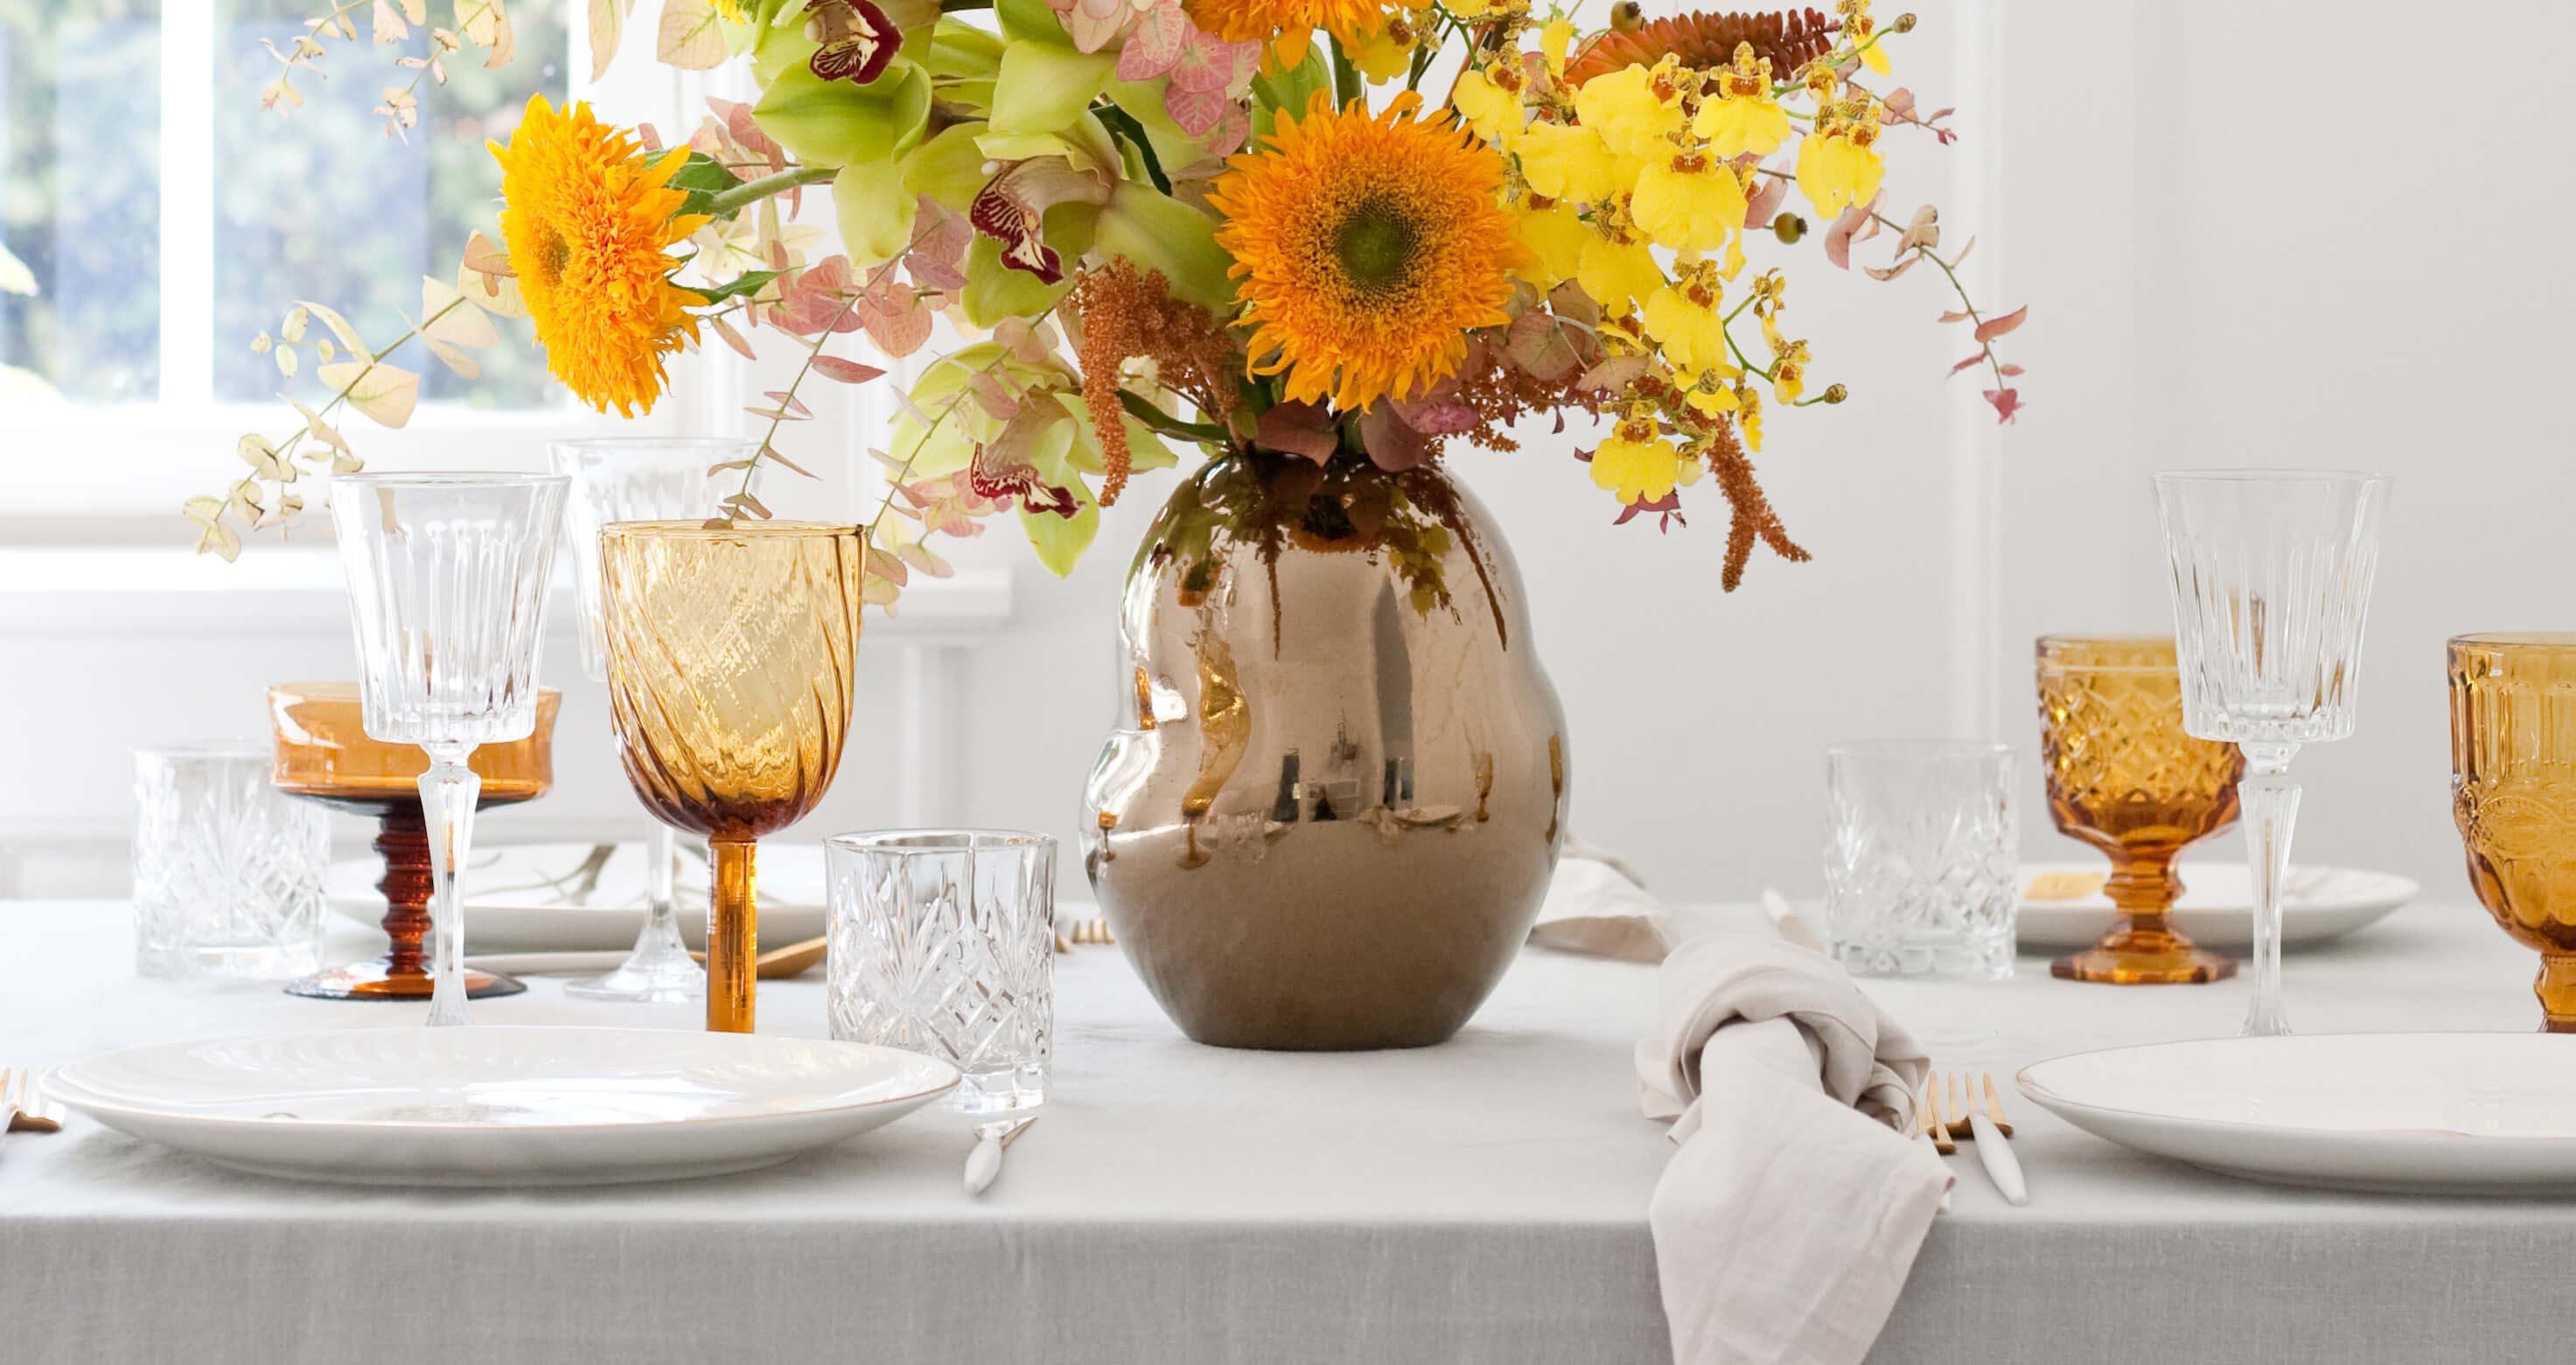 1Lej Stine Goya_kahler_A table story_serviceudlejning København